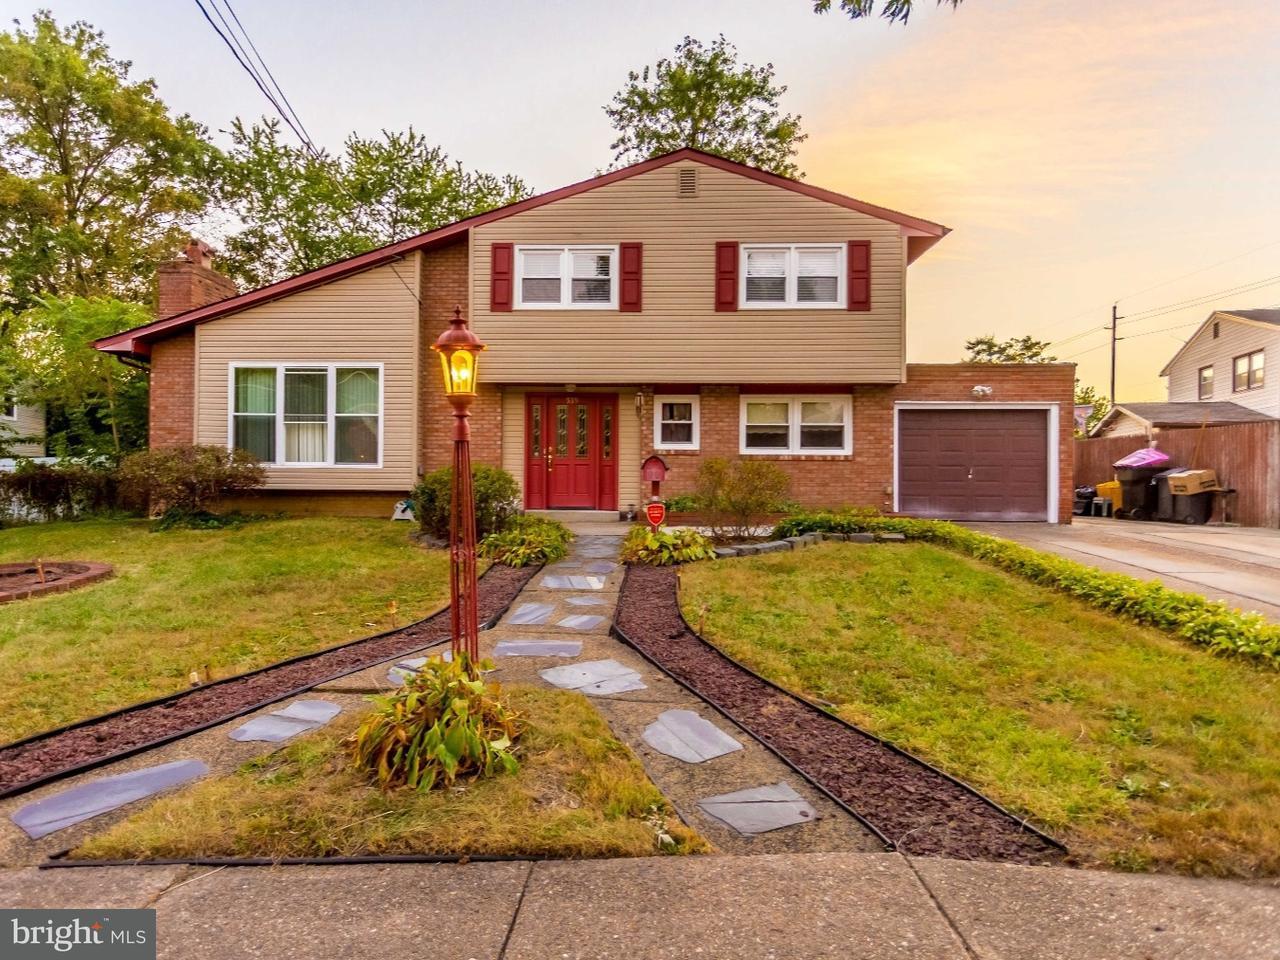 Частный односемейный дом для того Продажа на 539 FRESNO Drive Magnolia, Нью-Джерси 08049 Соединенные Штаты